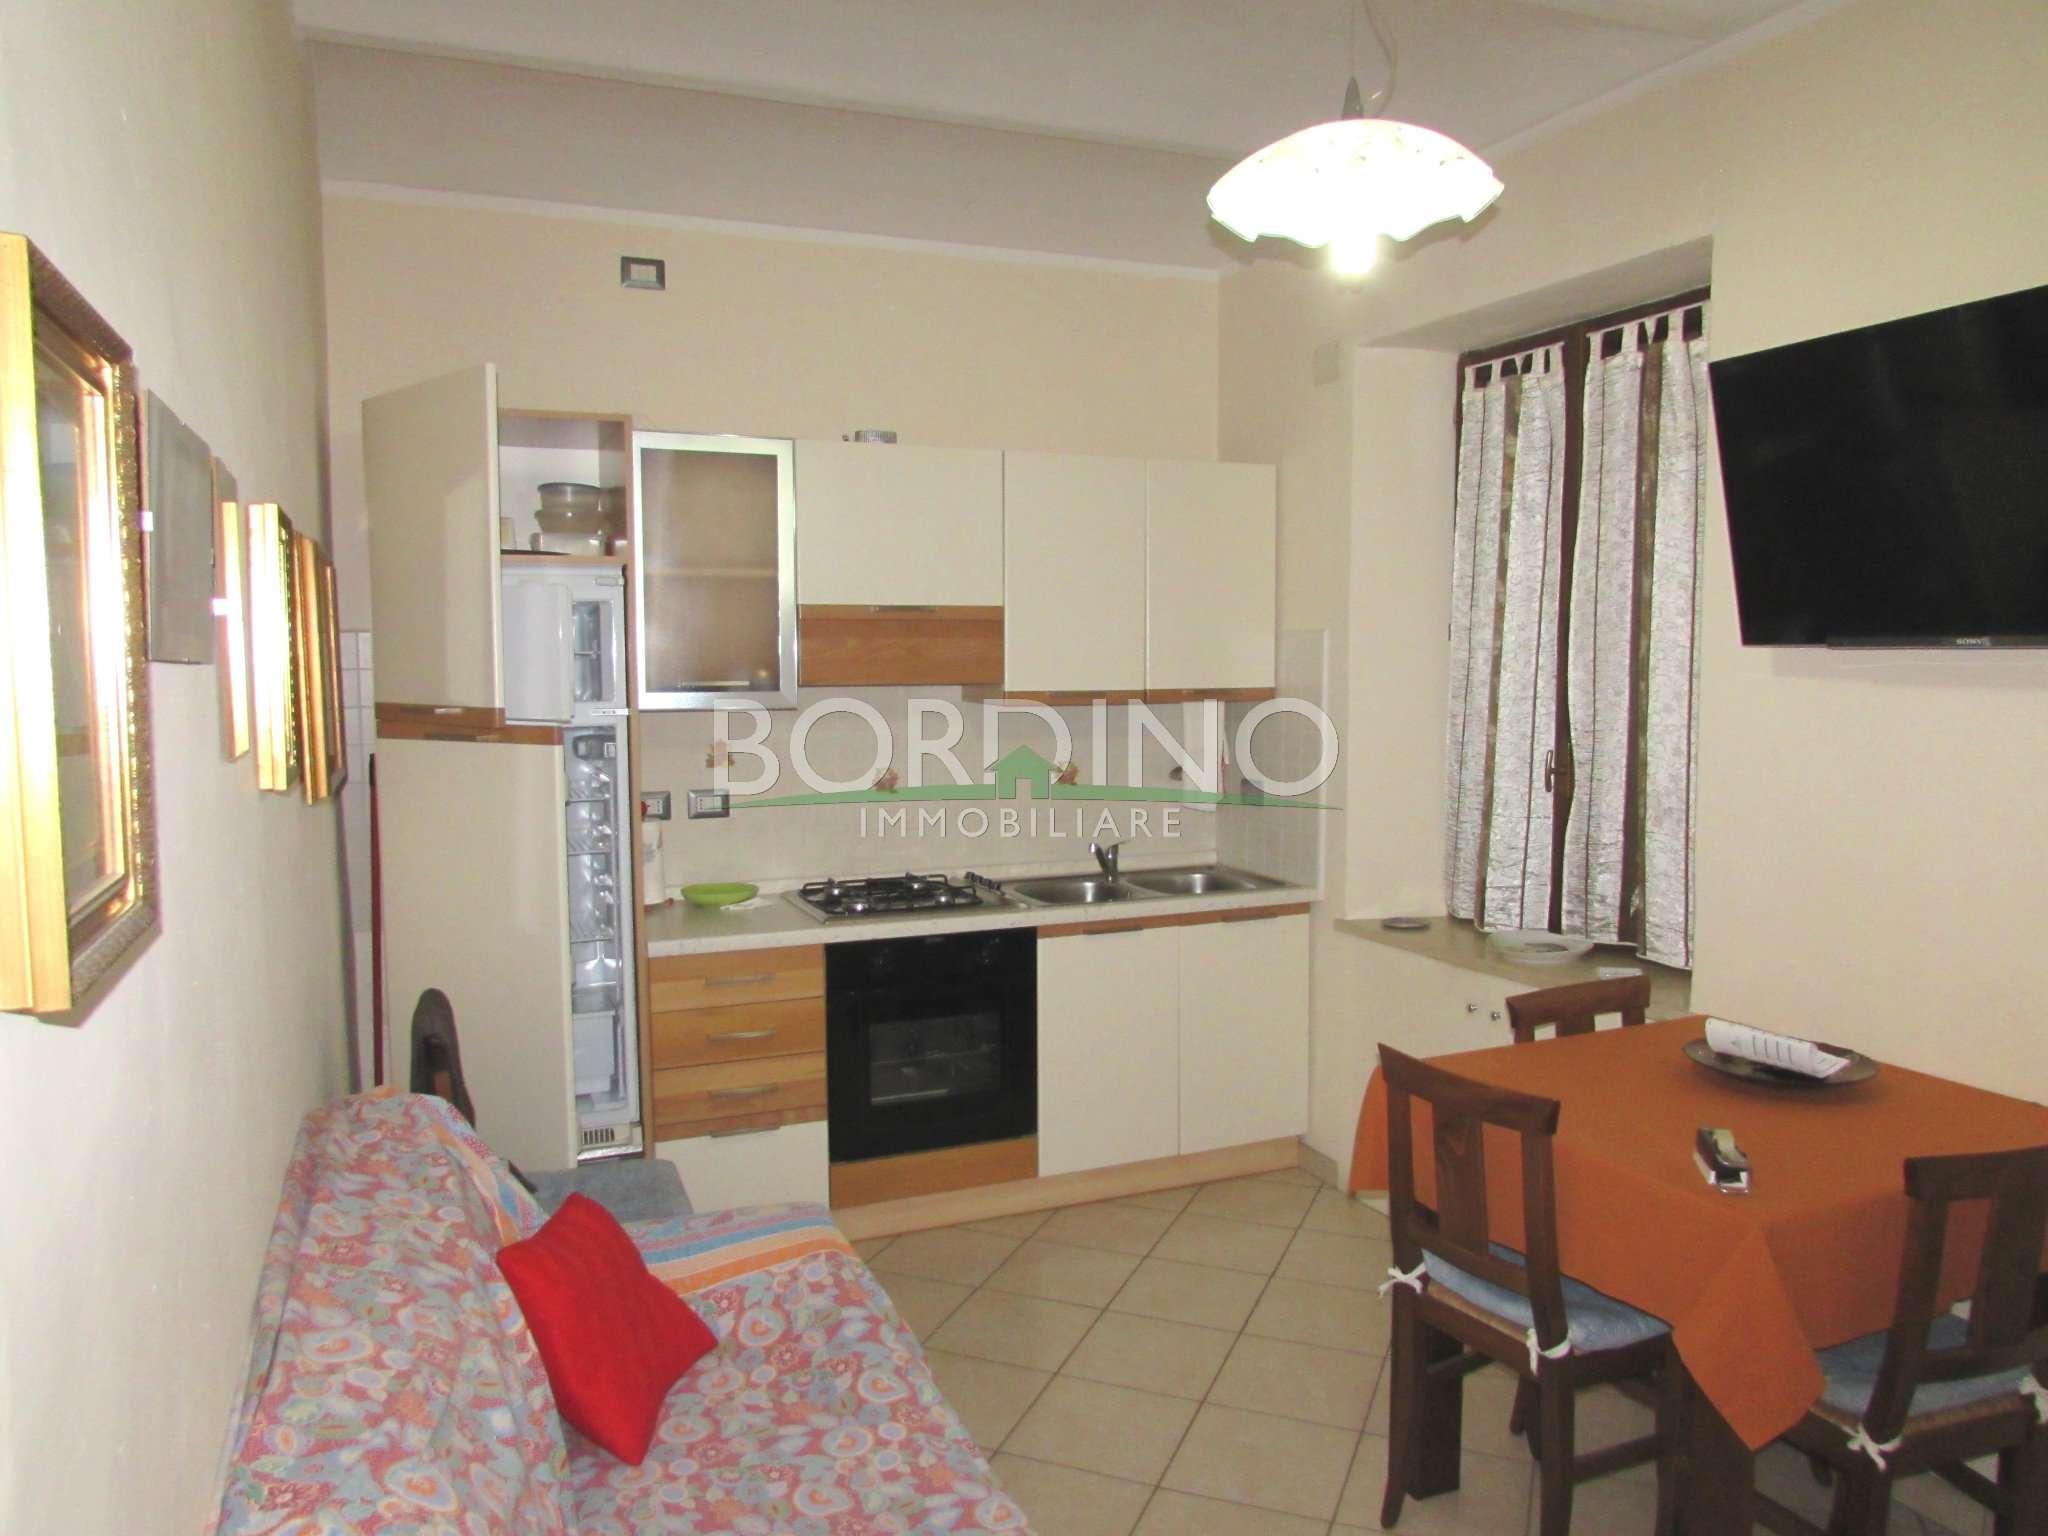 Soluzione Indipendente in affitto a Govone, 8 locali, prezzo € 700 | CambioCasa.it